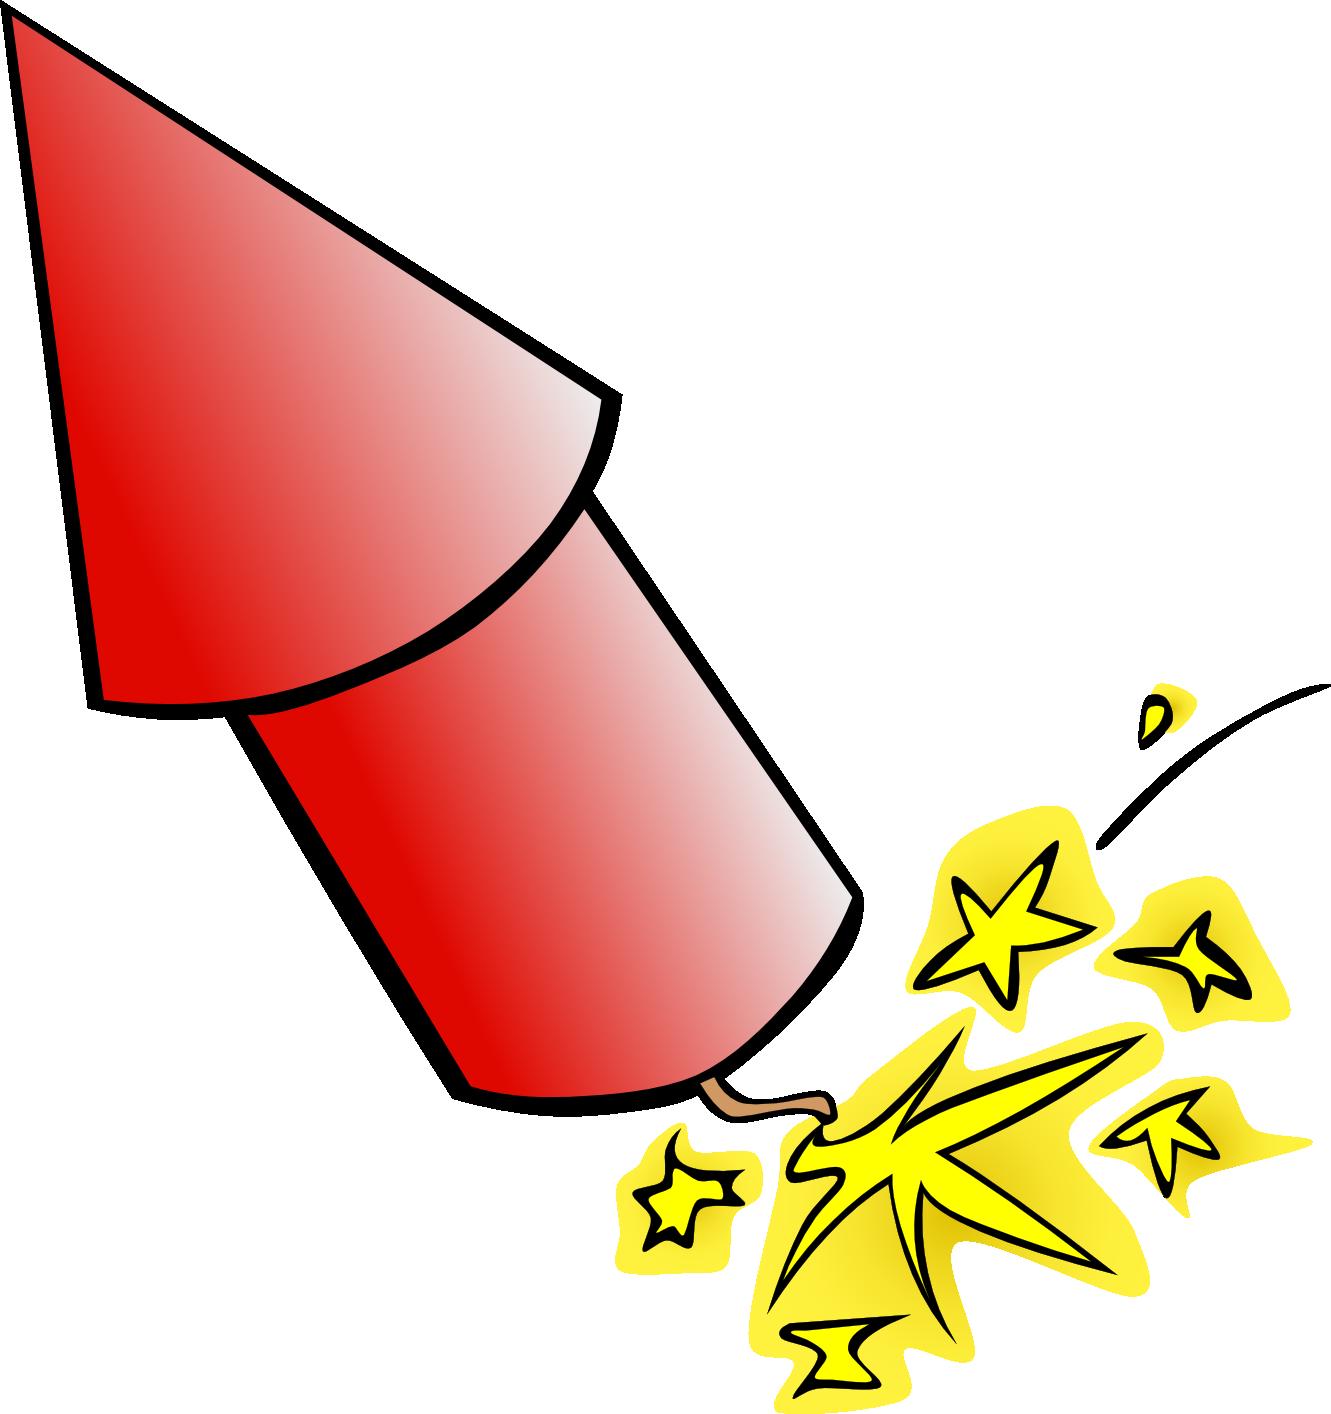 Fireworks firecracker clip art. Clipart rocket animation